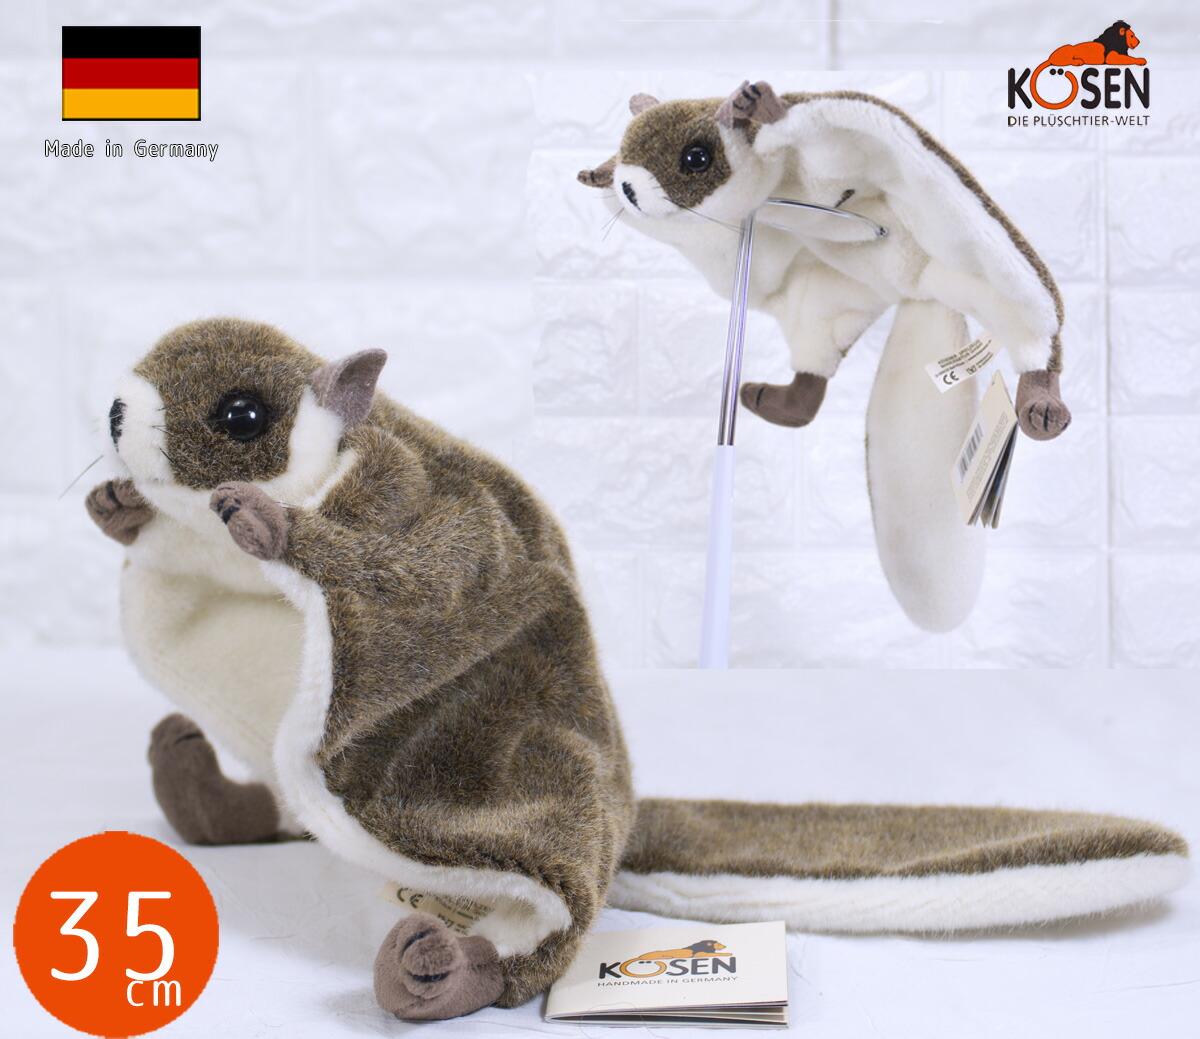 モモンガ KOSEN(ケーセン社) 35cm Flying Squirrel/ぬいぐるみ プレゼント/リアル/動物/ギフト/子供/女の子/男の子/大人/クリスマス